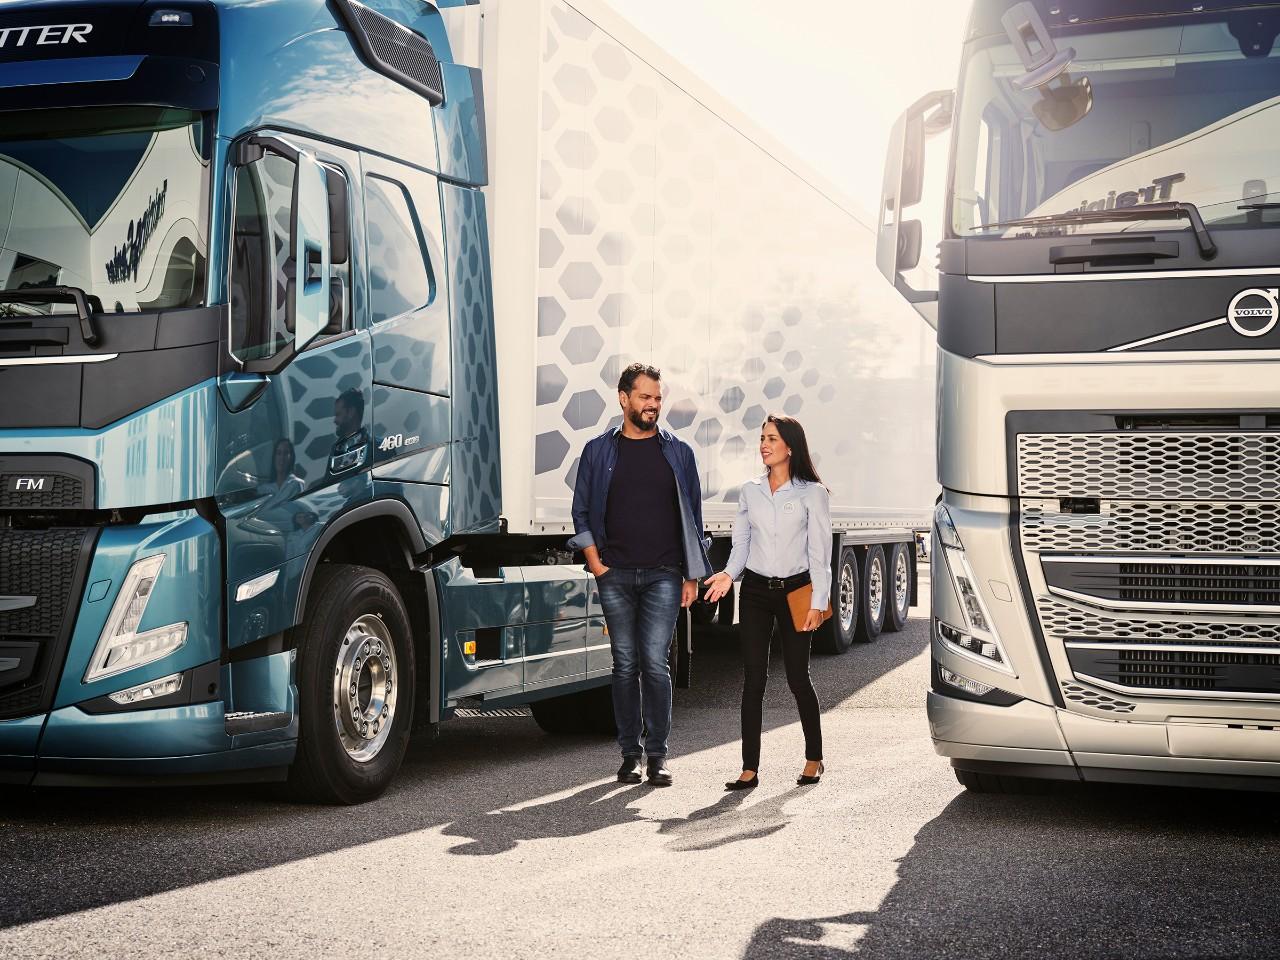 שירותי משאיות – מתוכננים סביב פעילותכם העסקית